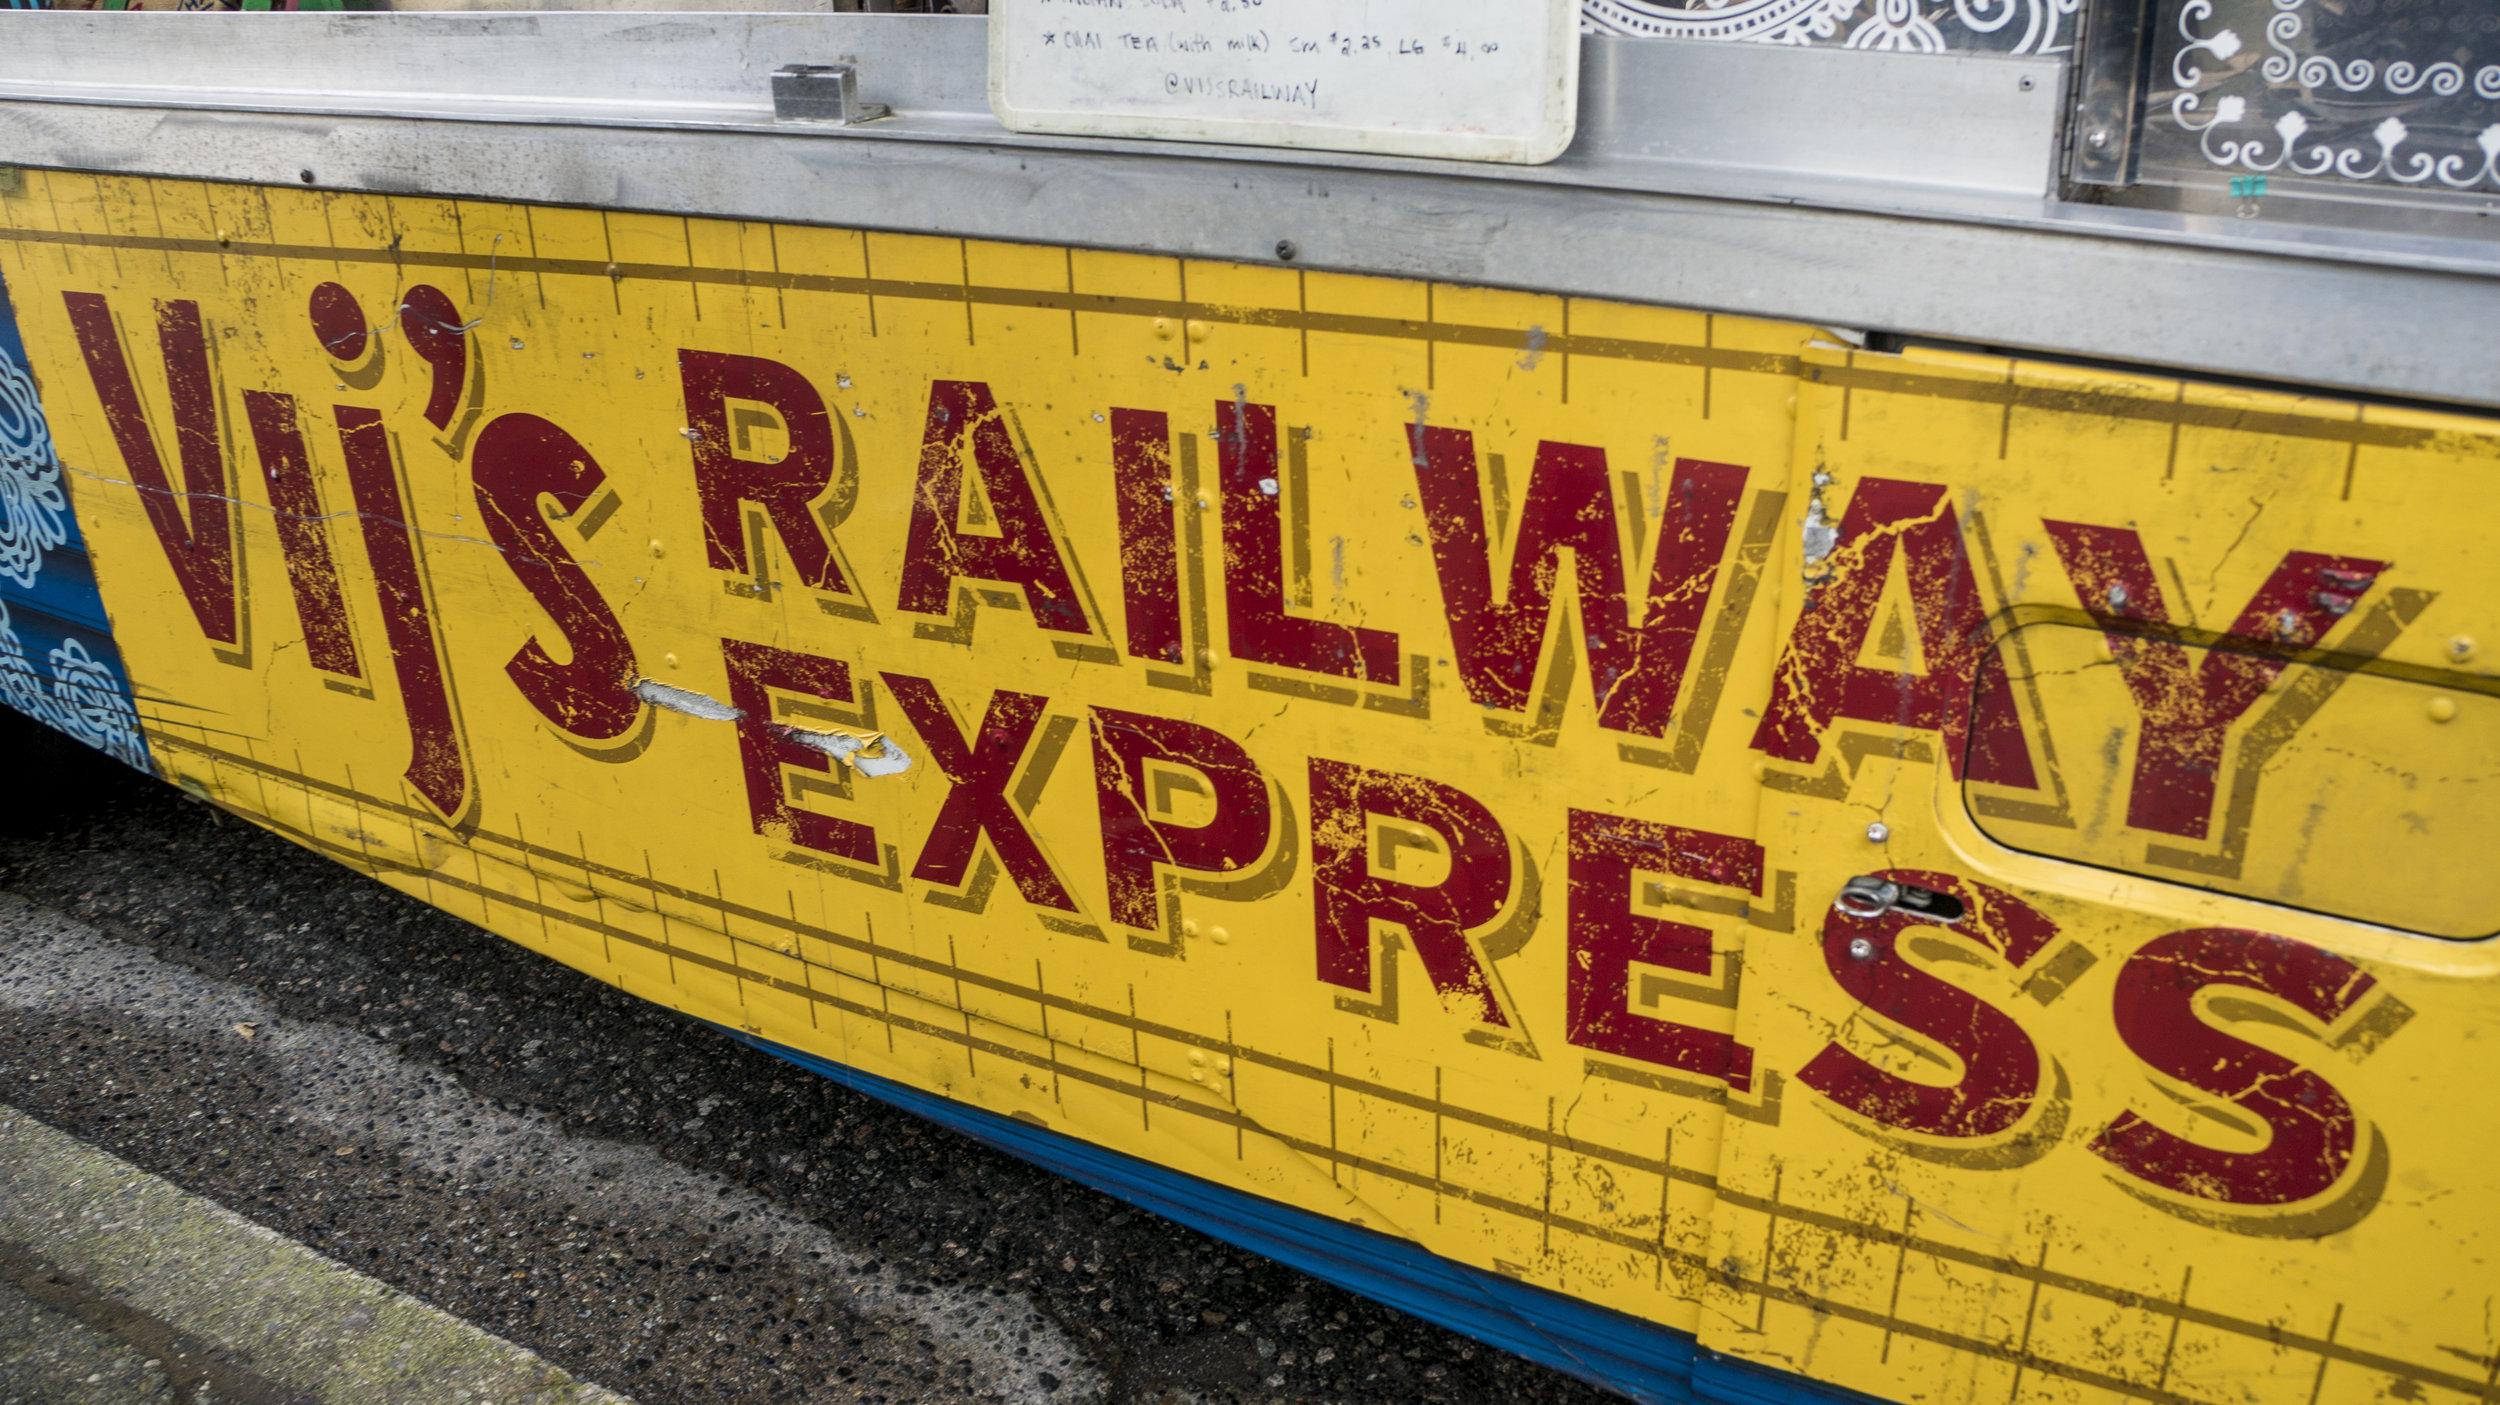 vijs_railway_express.final.1006.jpg